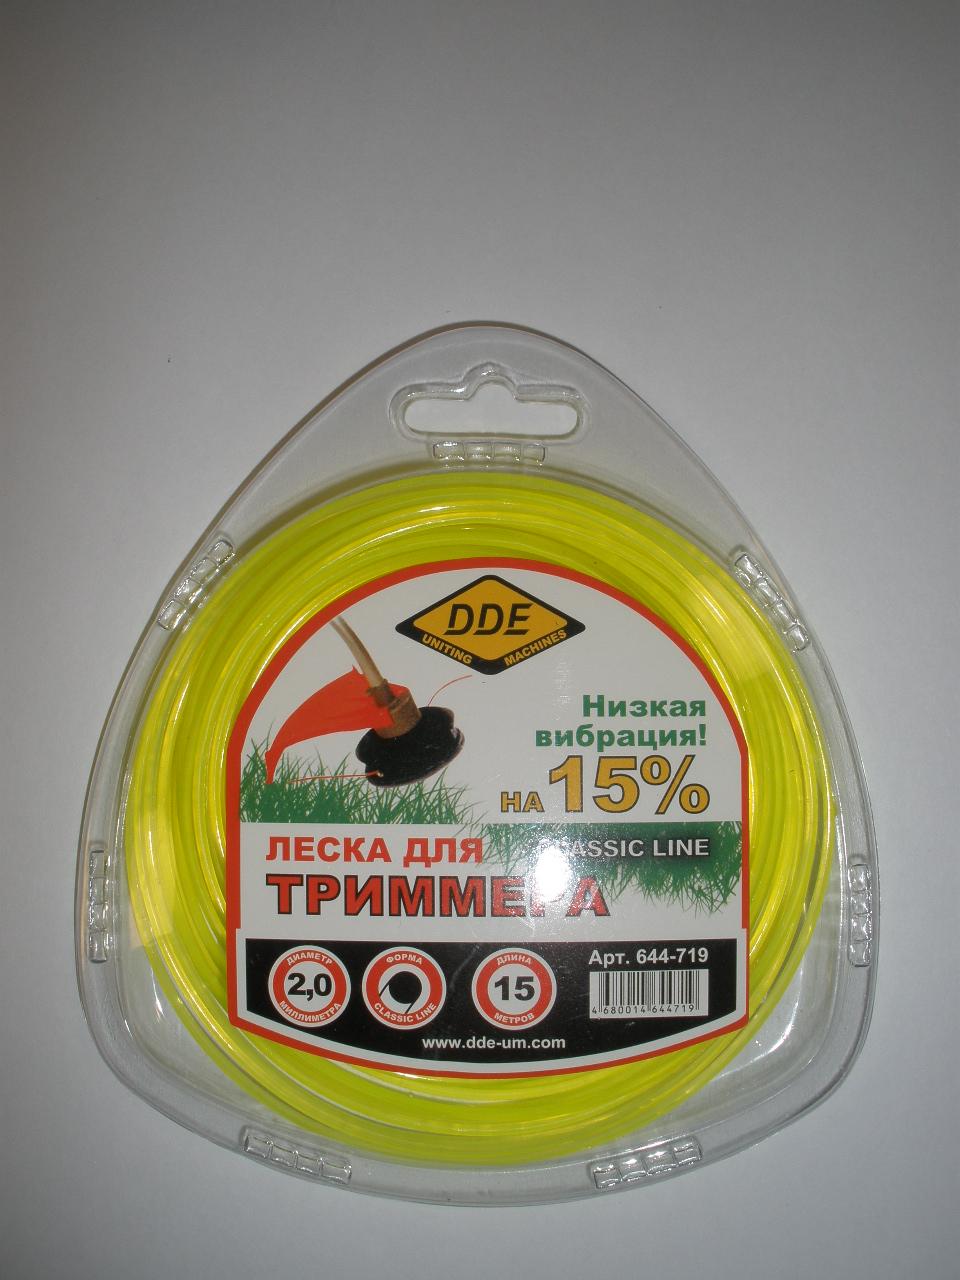 Леска (корд)  2,0 мм х 15 м, Classic line, сечение-круг, цвет-желтый, DDE